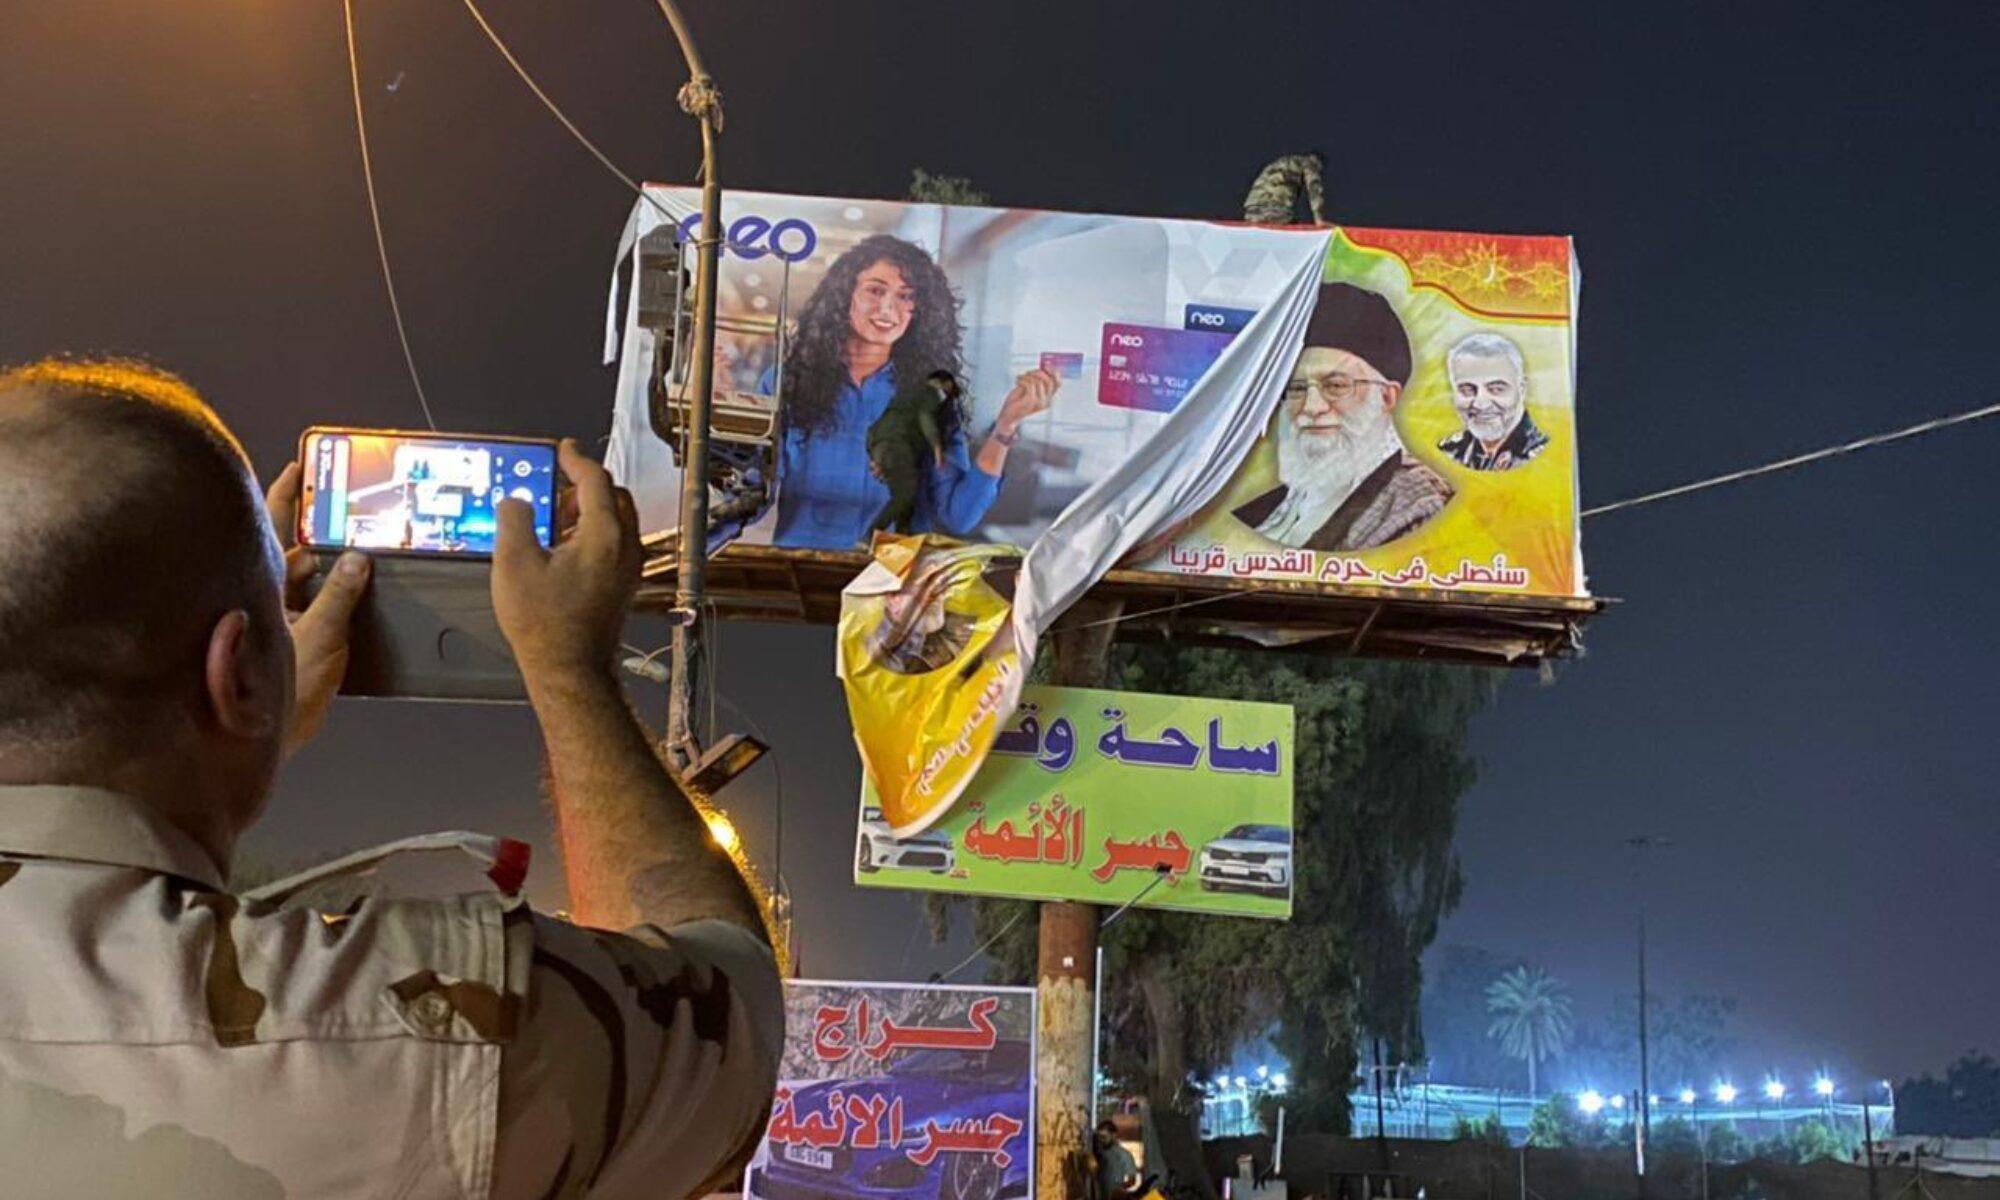 Halk istedi, Kazımi talimat verdi: Humeyni, Hameney ve Süleymani'nin resmi bilboardlardan kaldırıldı